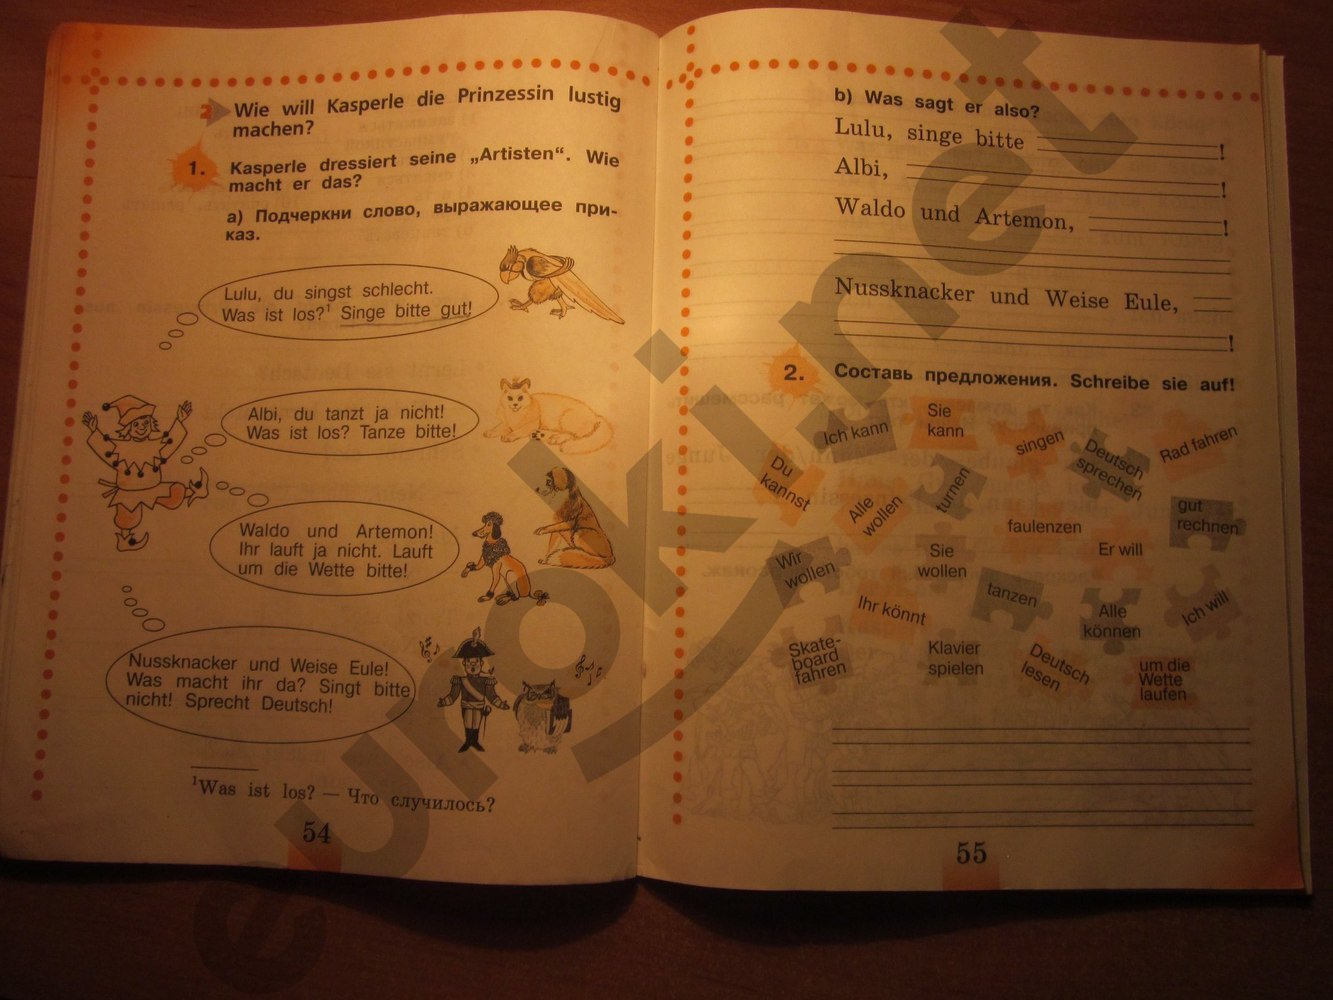 немецкий язык 2 класс бим решебник и гдз рабочая тетрадь